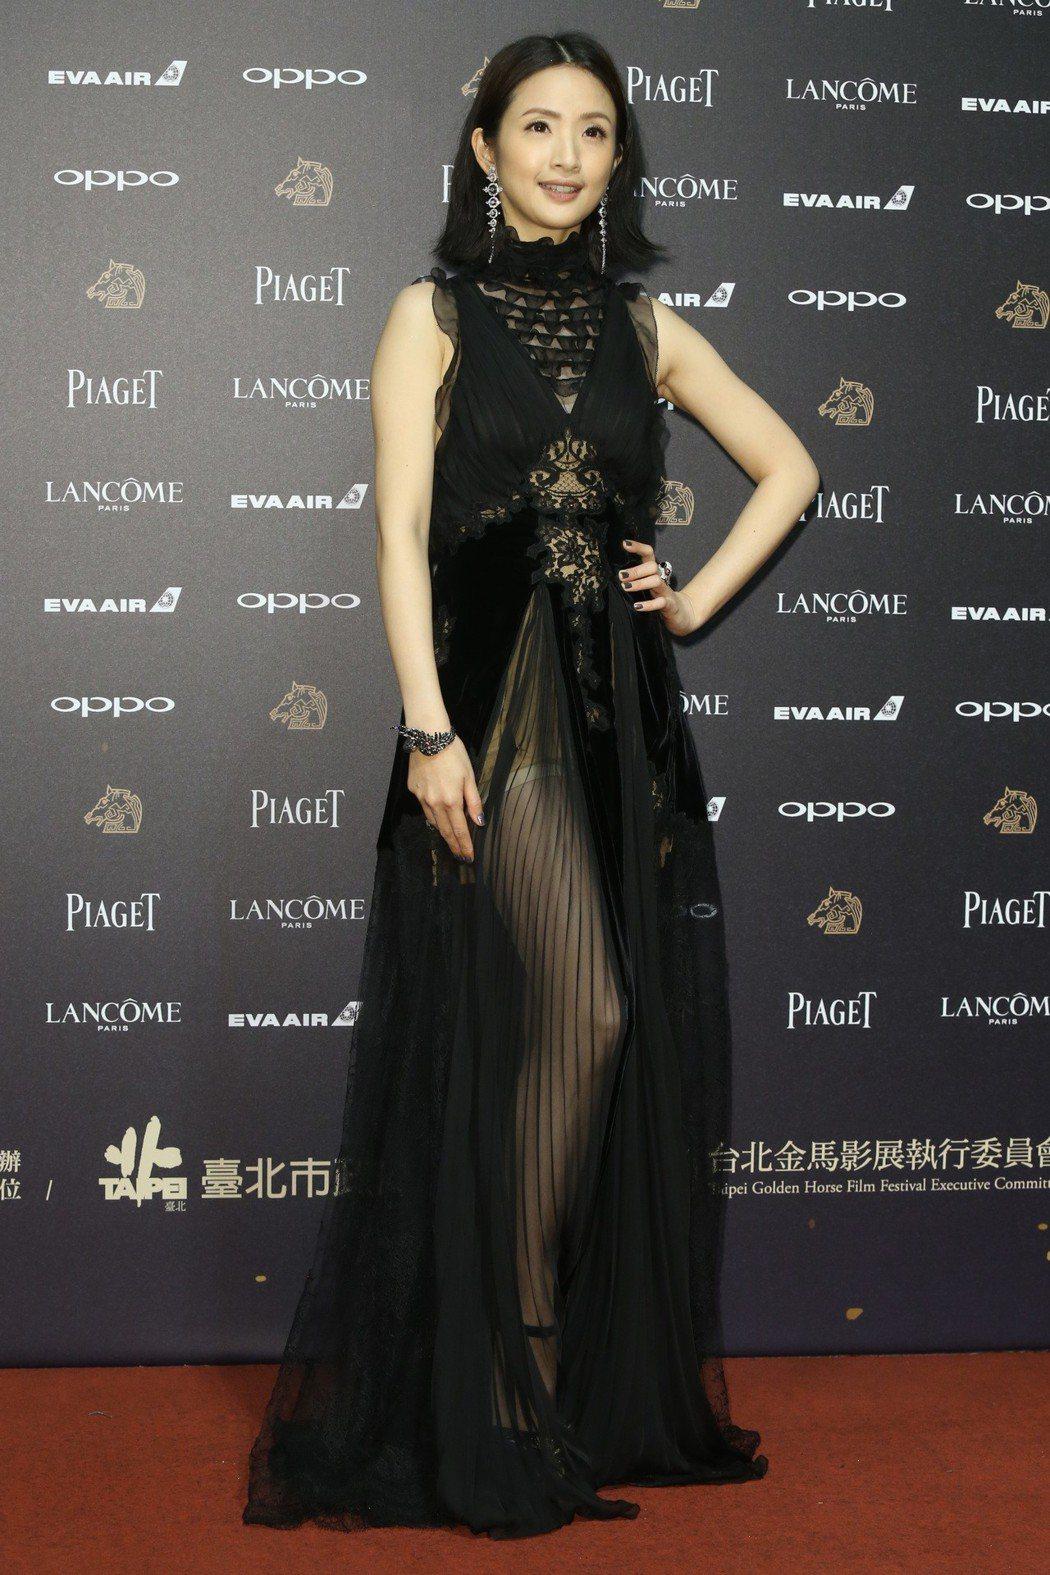 第五十四屆金馬獎頒獎嘉賓林依晨走紅毯。記者林俊良╱攝影